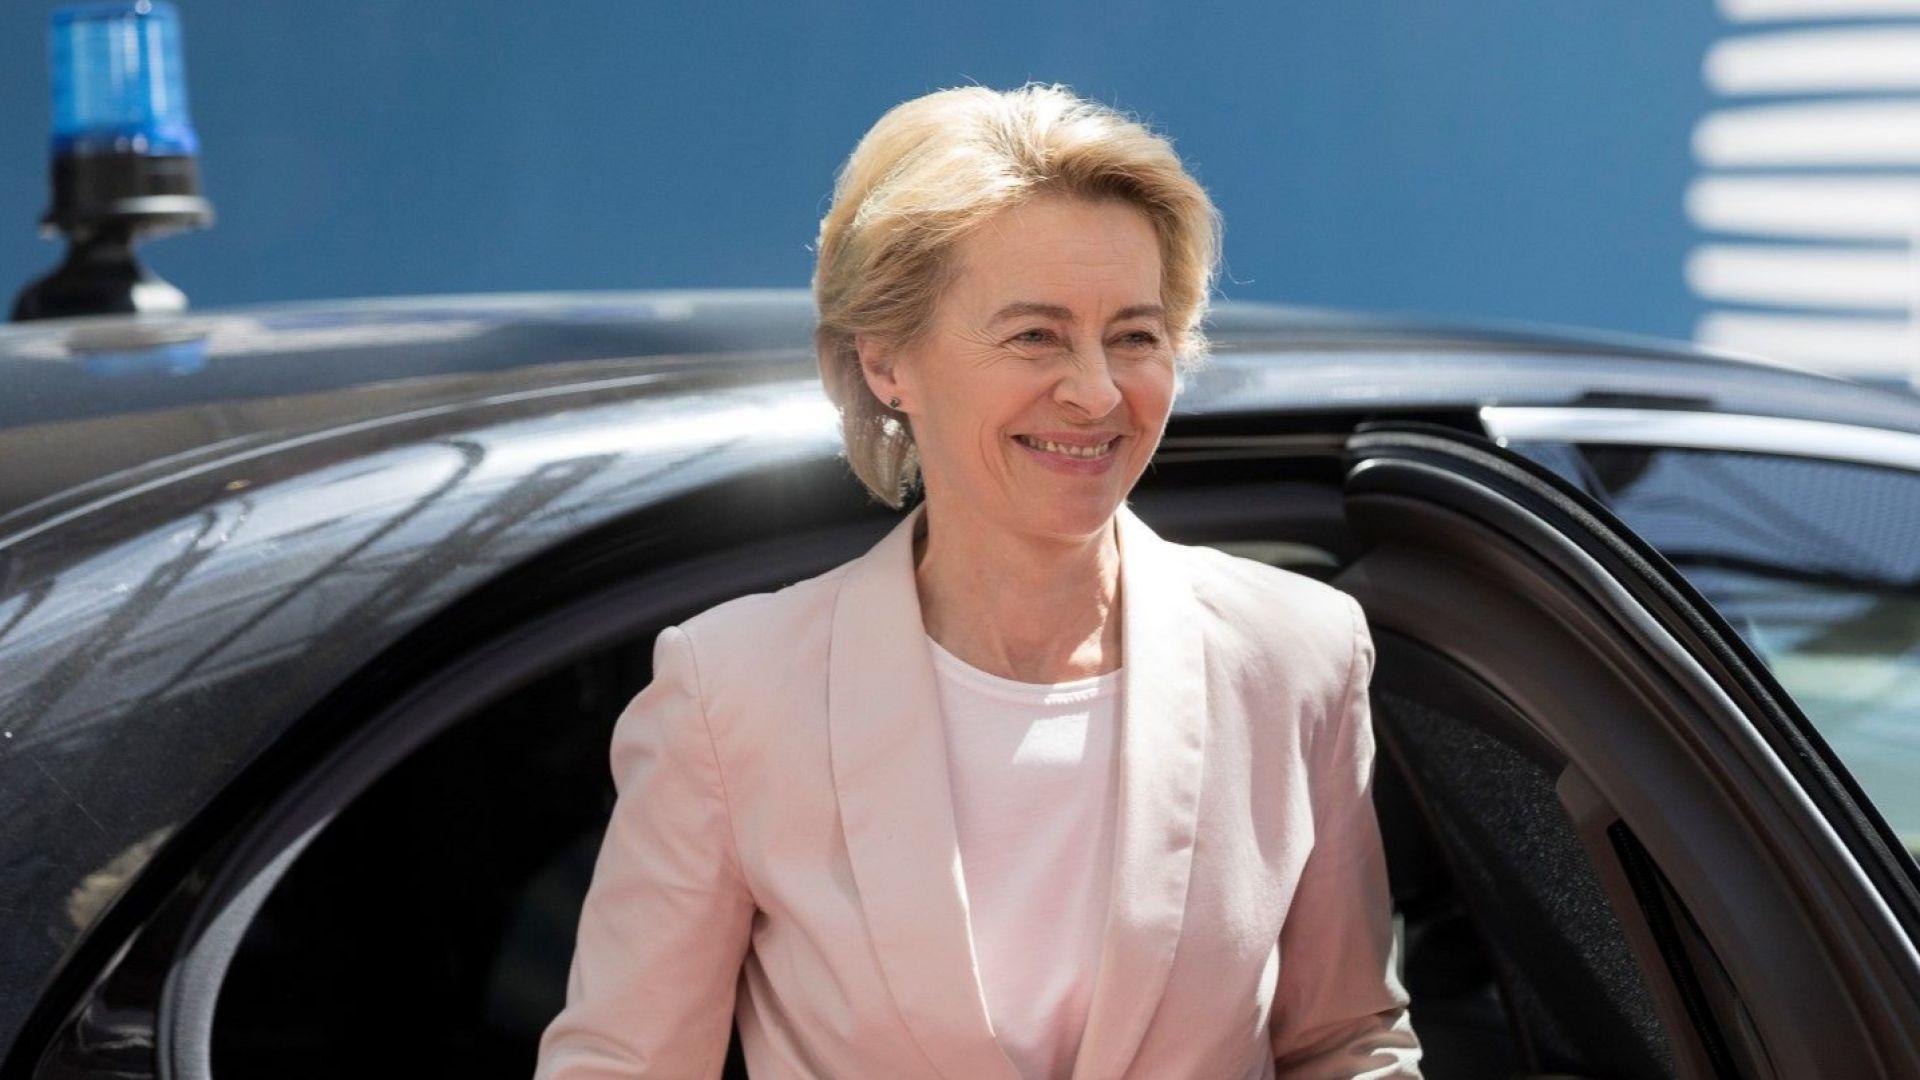 Урсула фон дер Лайен: Утре влизам в битката за ЕК, подавам оставка като военен министър в сряда